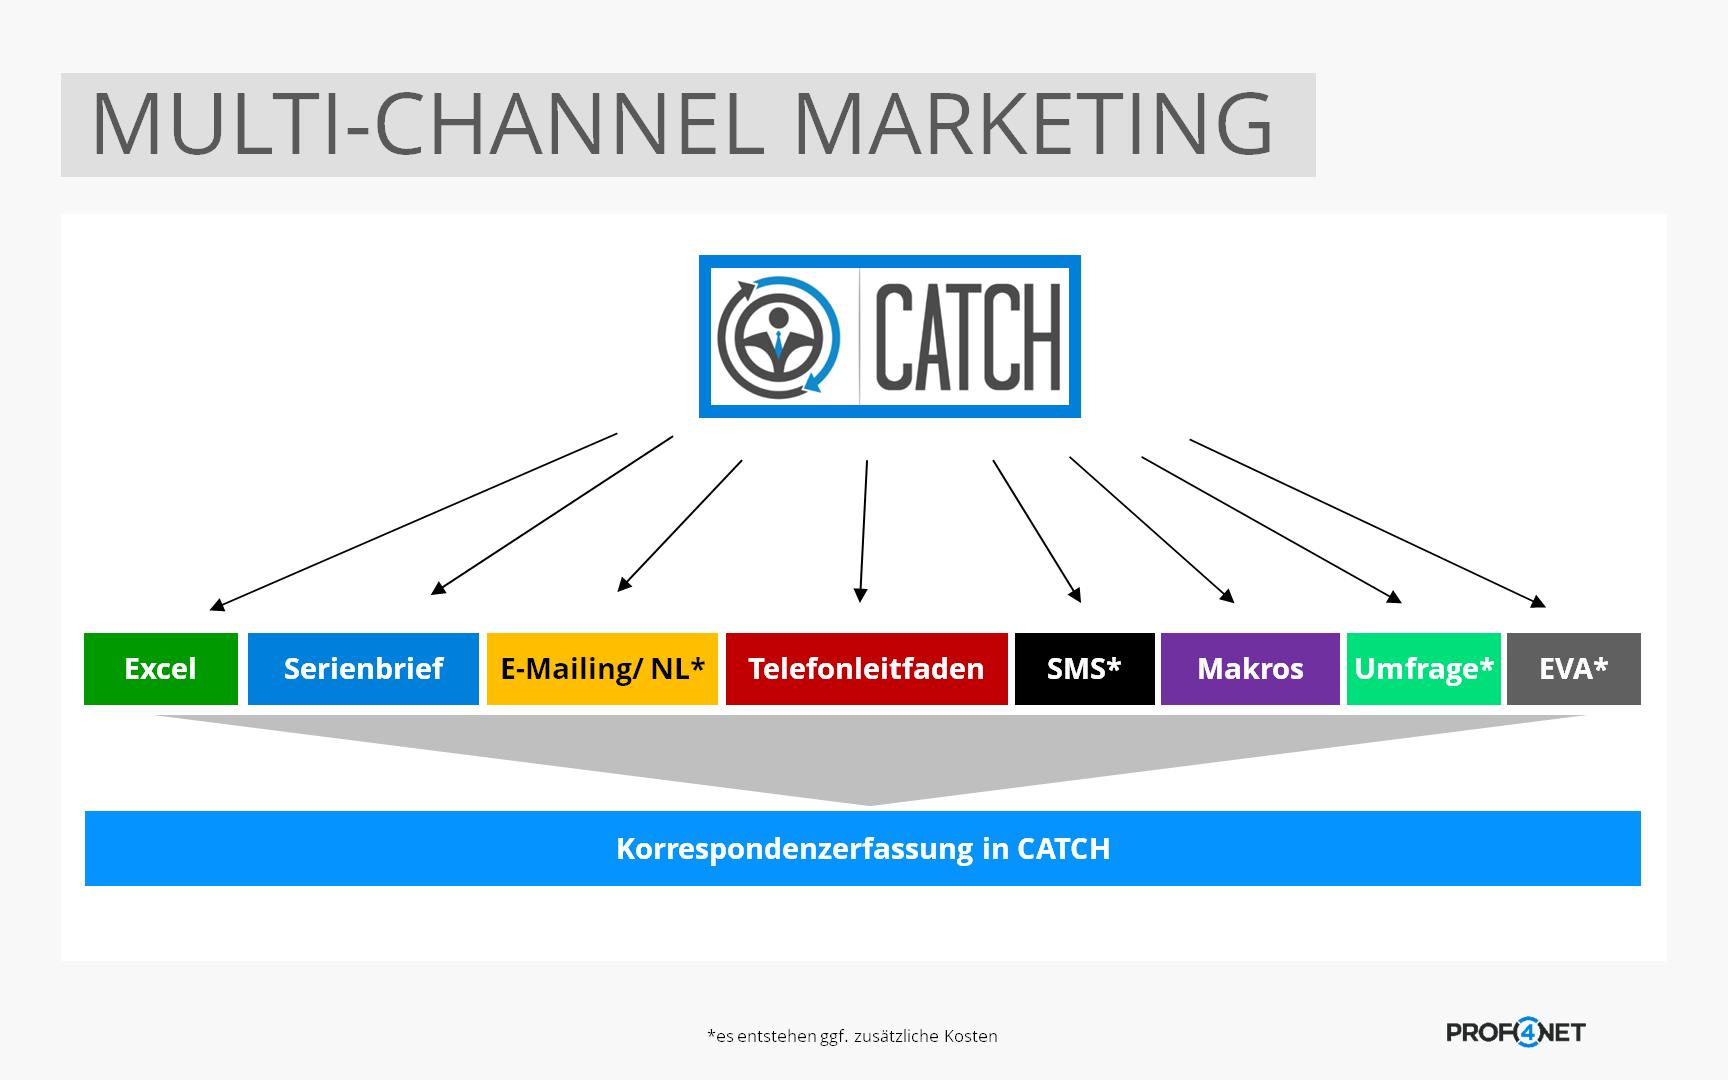 Multi-Channelmarketing mit CATCH